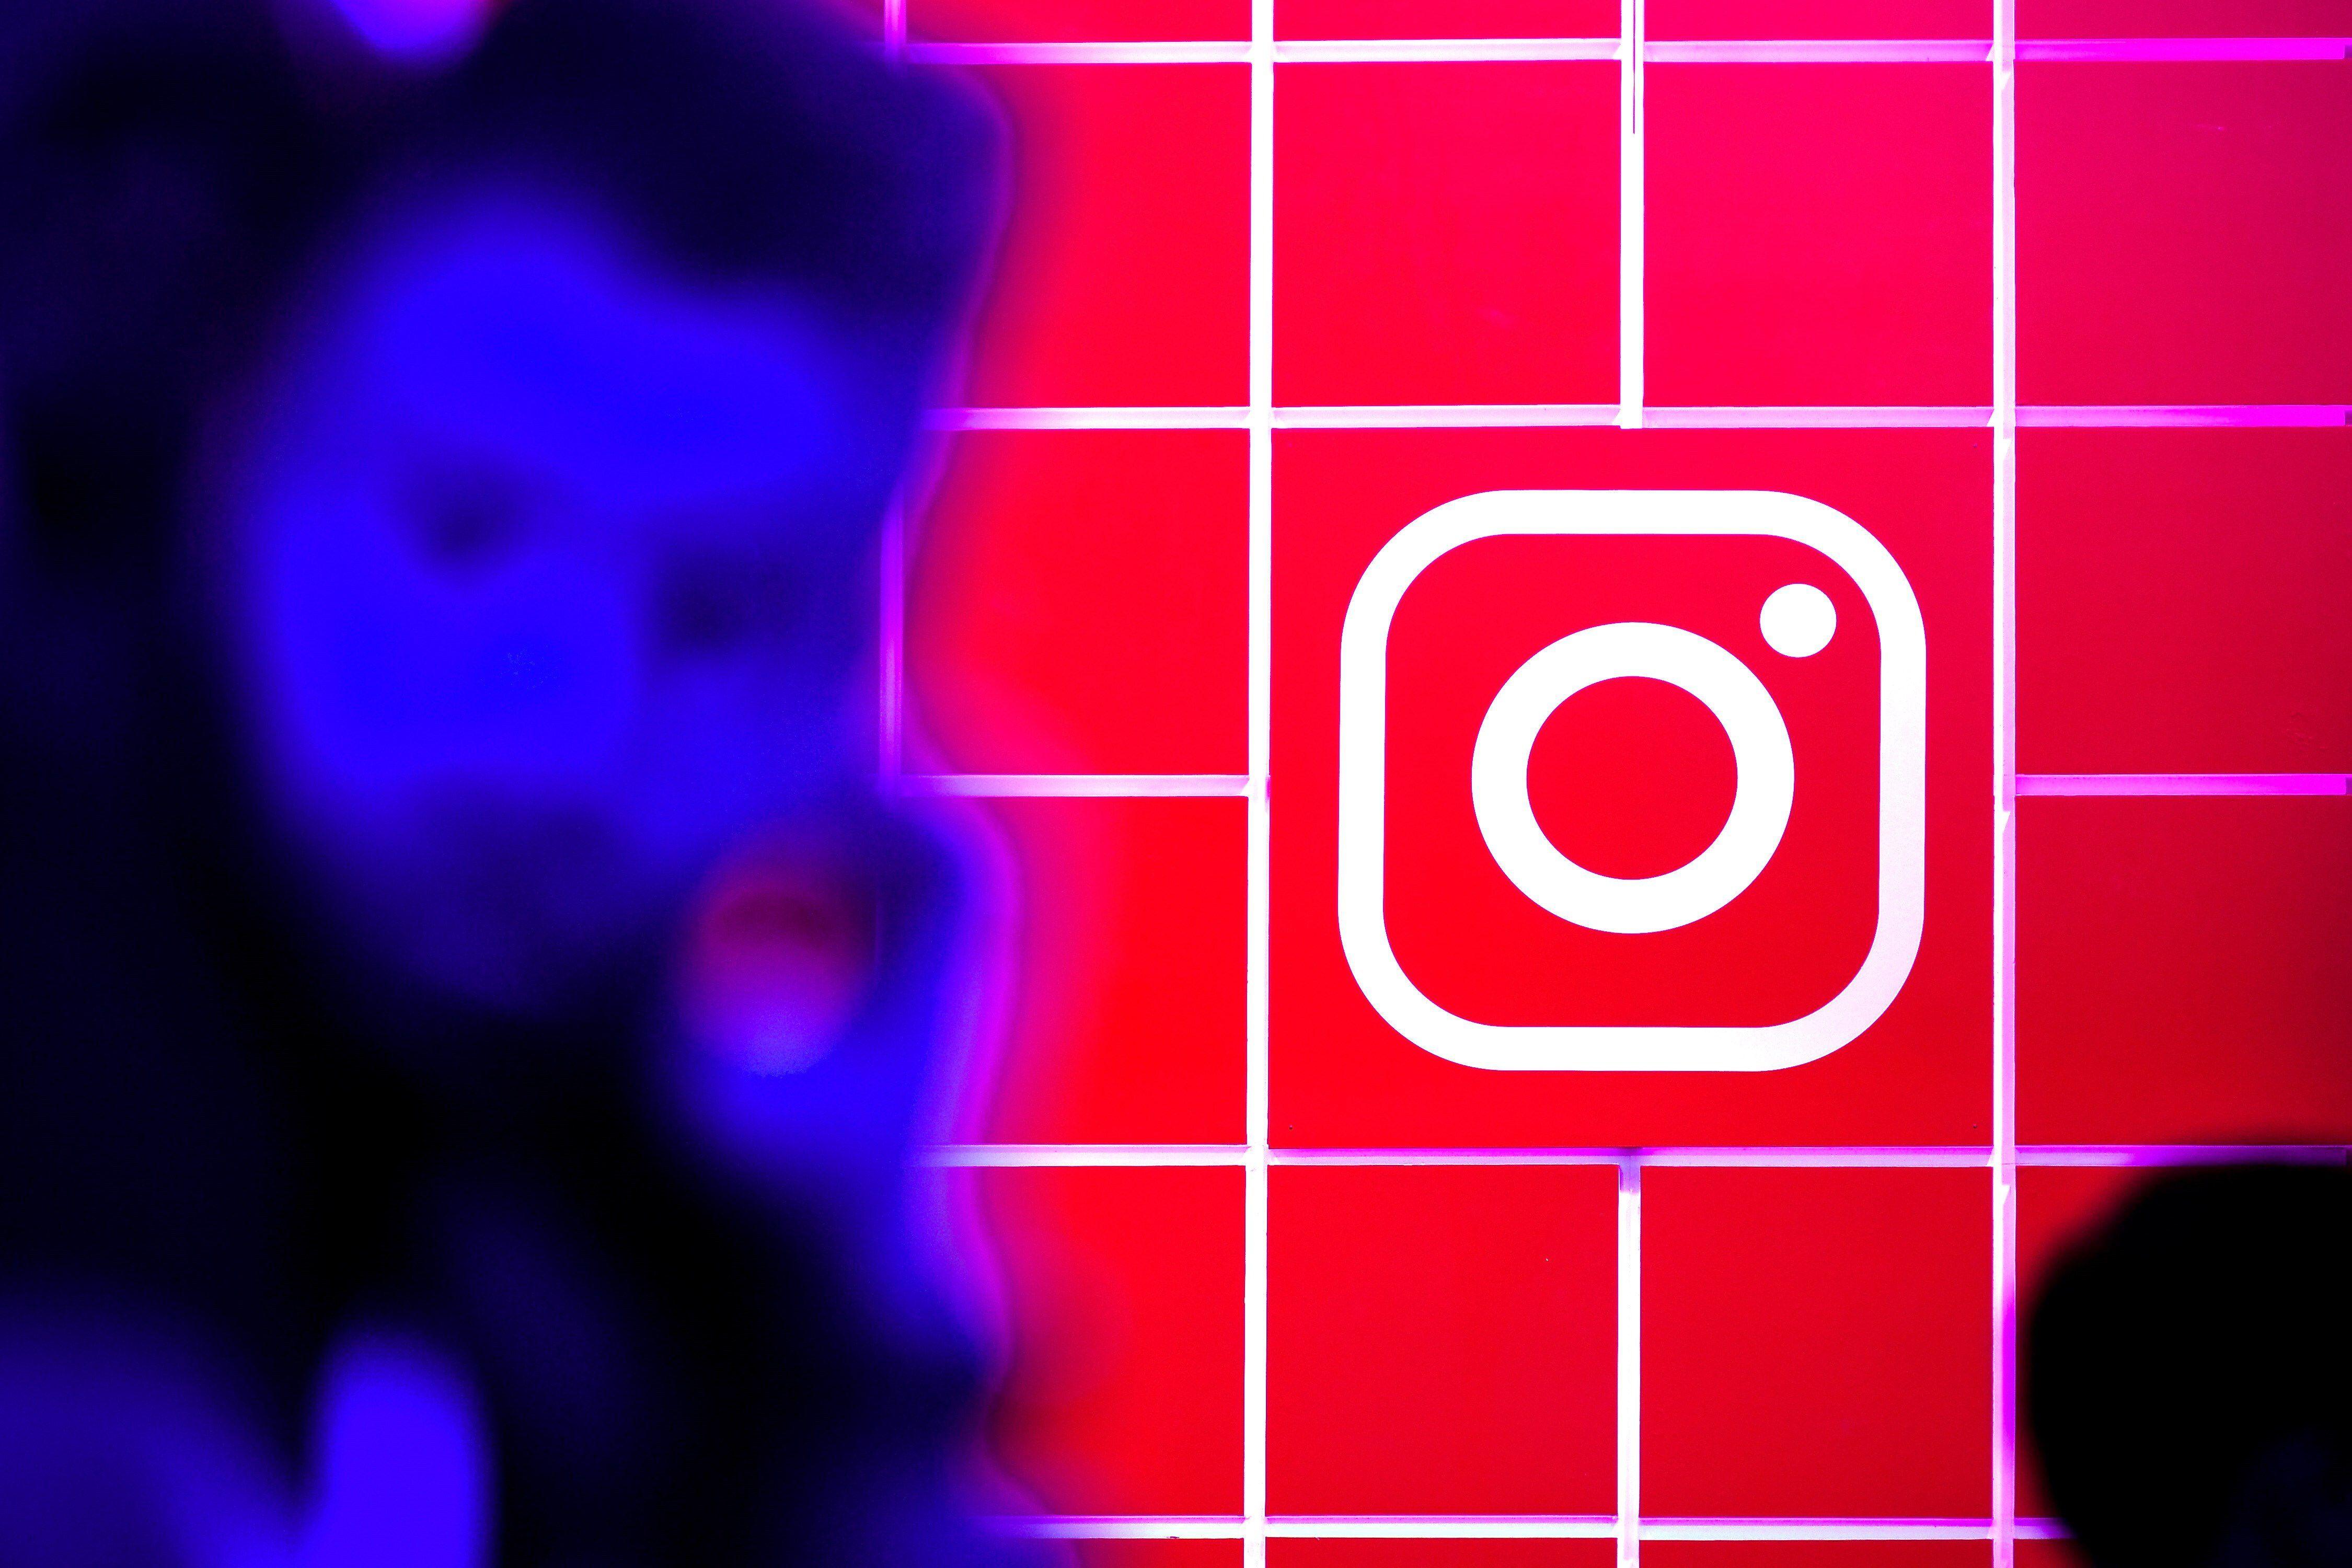 Para estar protegidos hay que actualizar la app de Instagram (Foto: EFE)